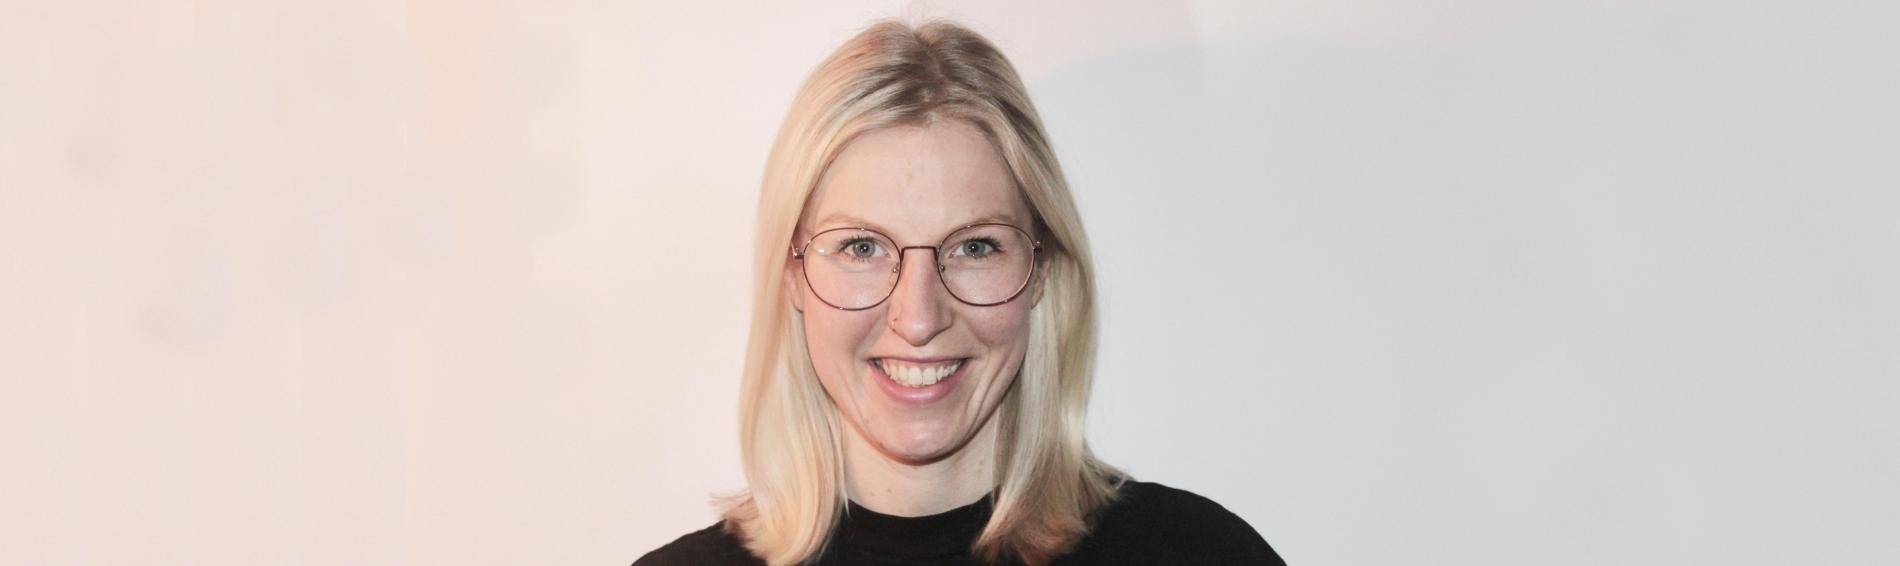 Jacqueline Evers, Projektleiterin von open.med Hamburg. Foto: privat